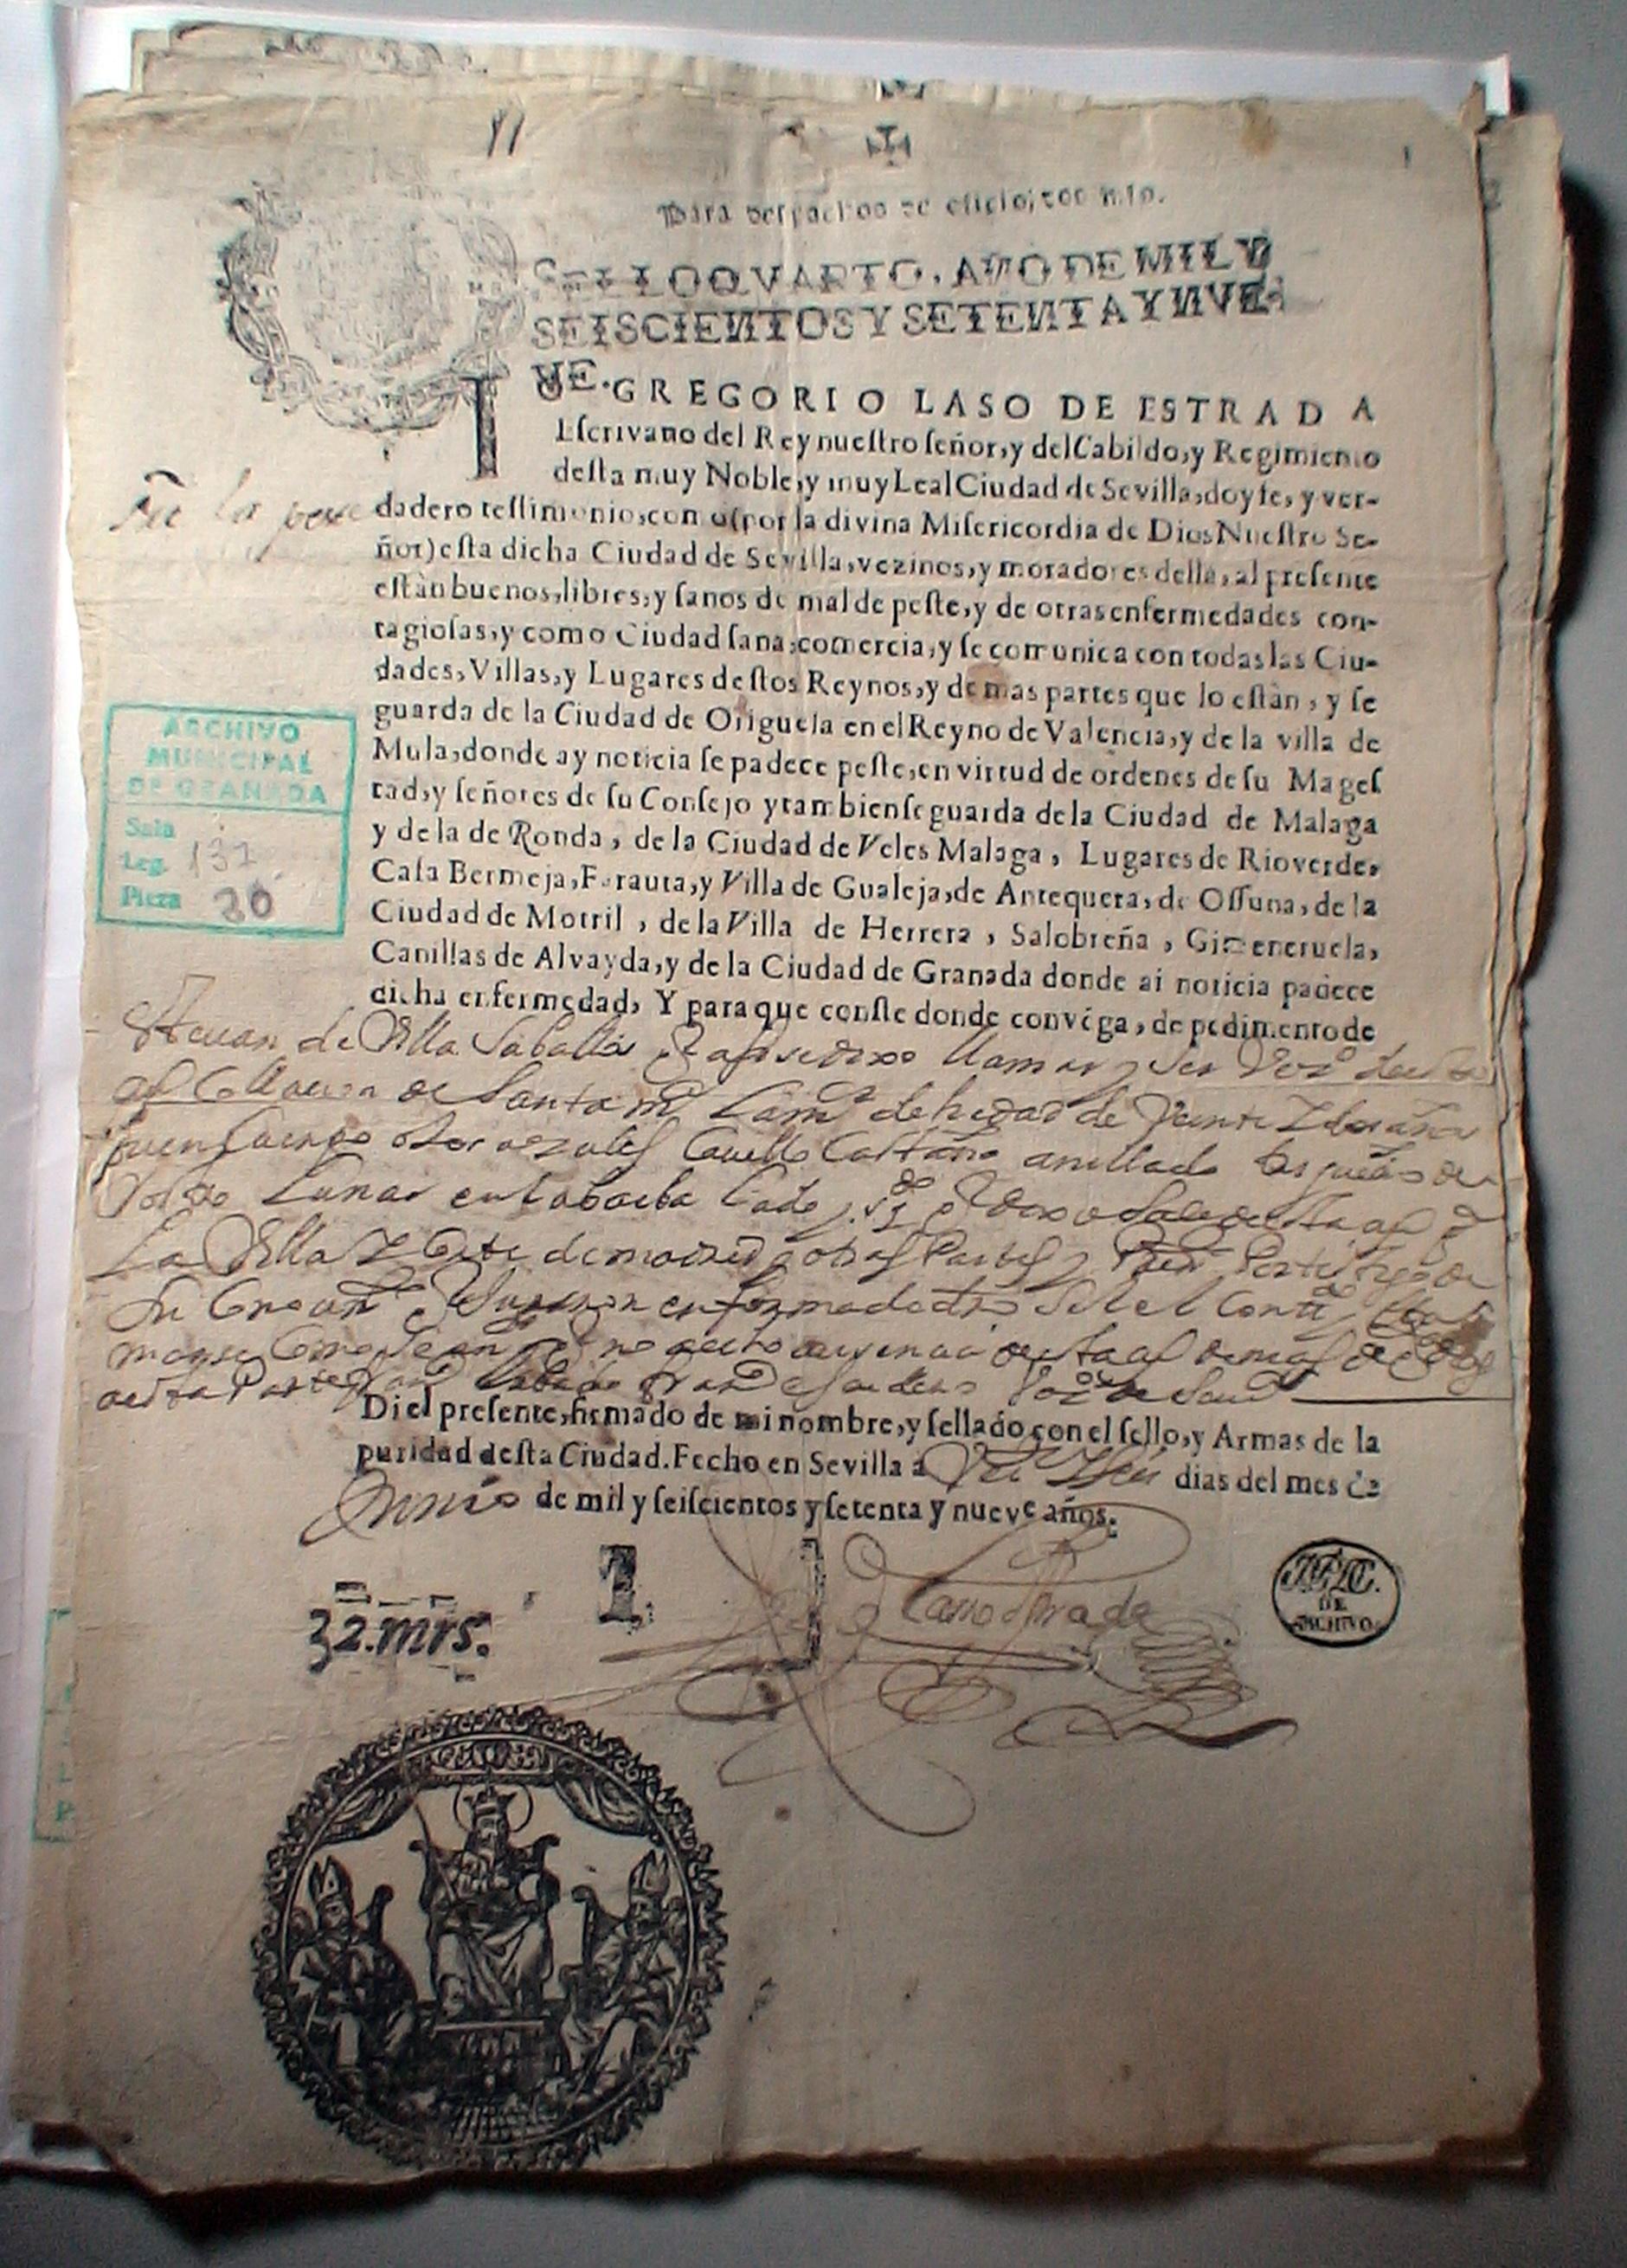 Pasaporte sanitario a favor de Esteban de Villa Saballos 1679